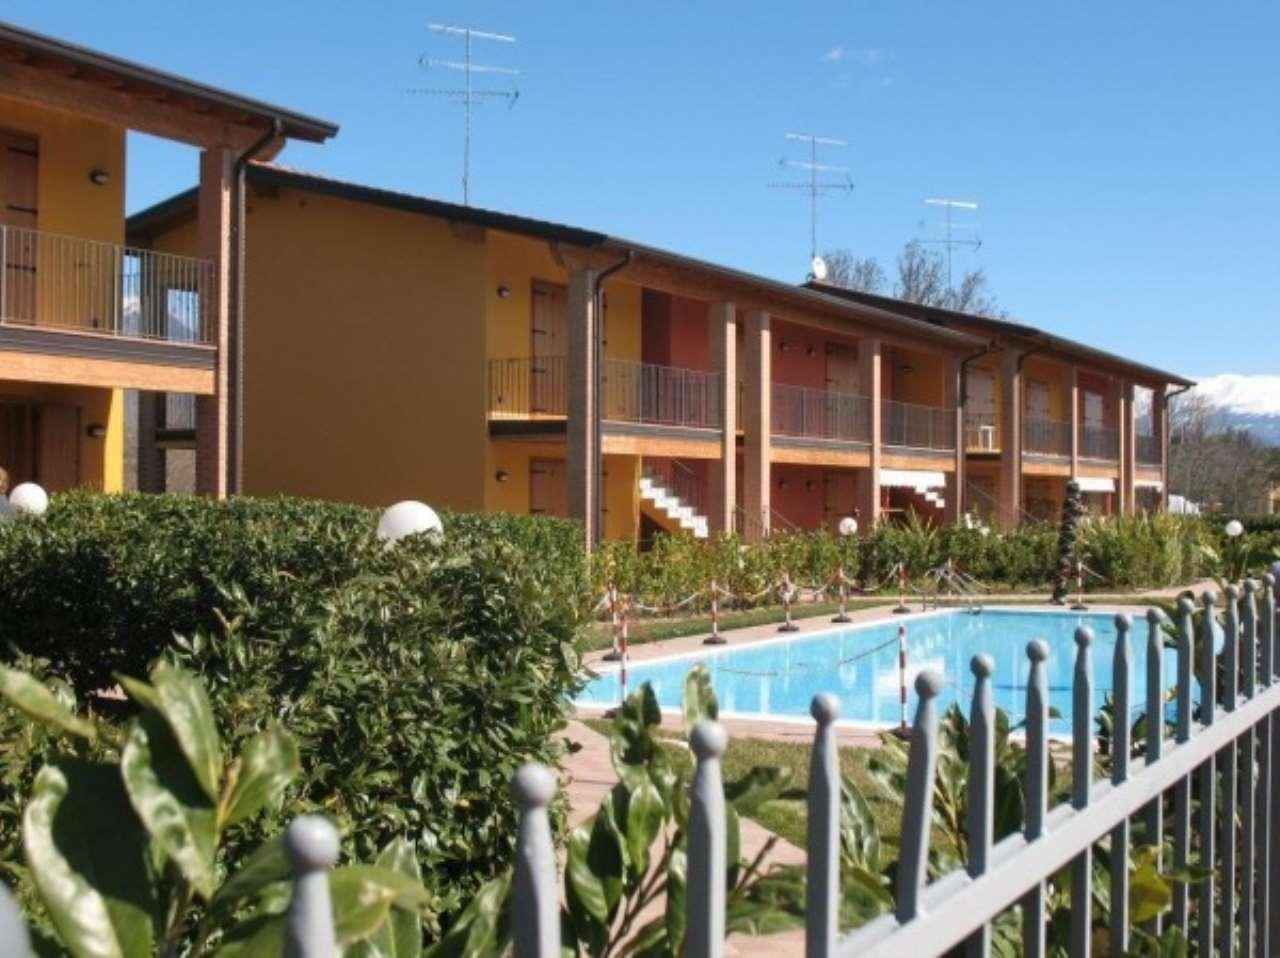 Appartamento in vendita a Puegnago sul Garda, 2 locali, prezzo € 150.000 | Cambio Casa.it